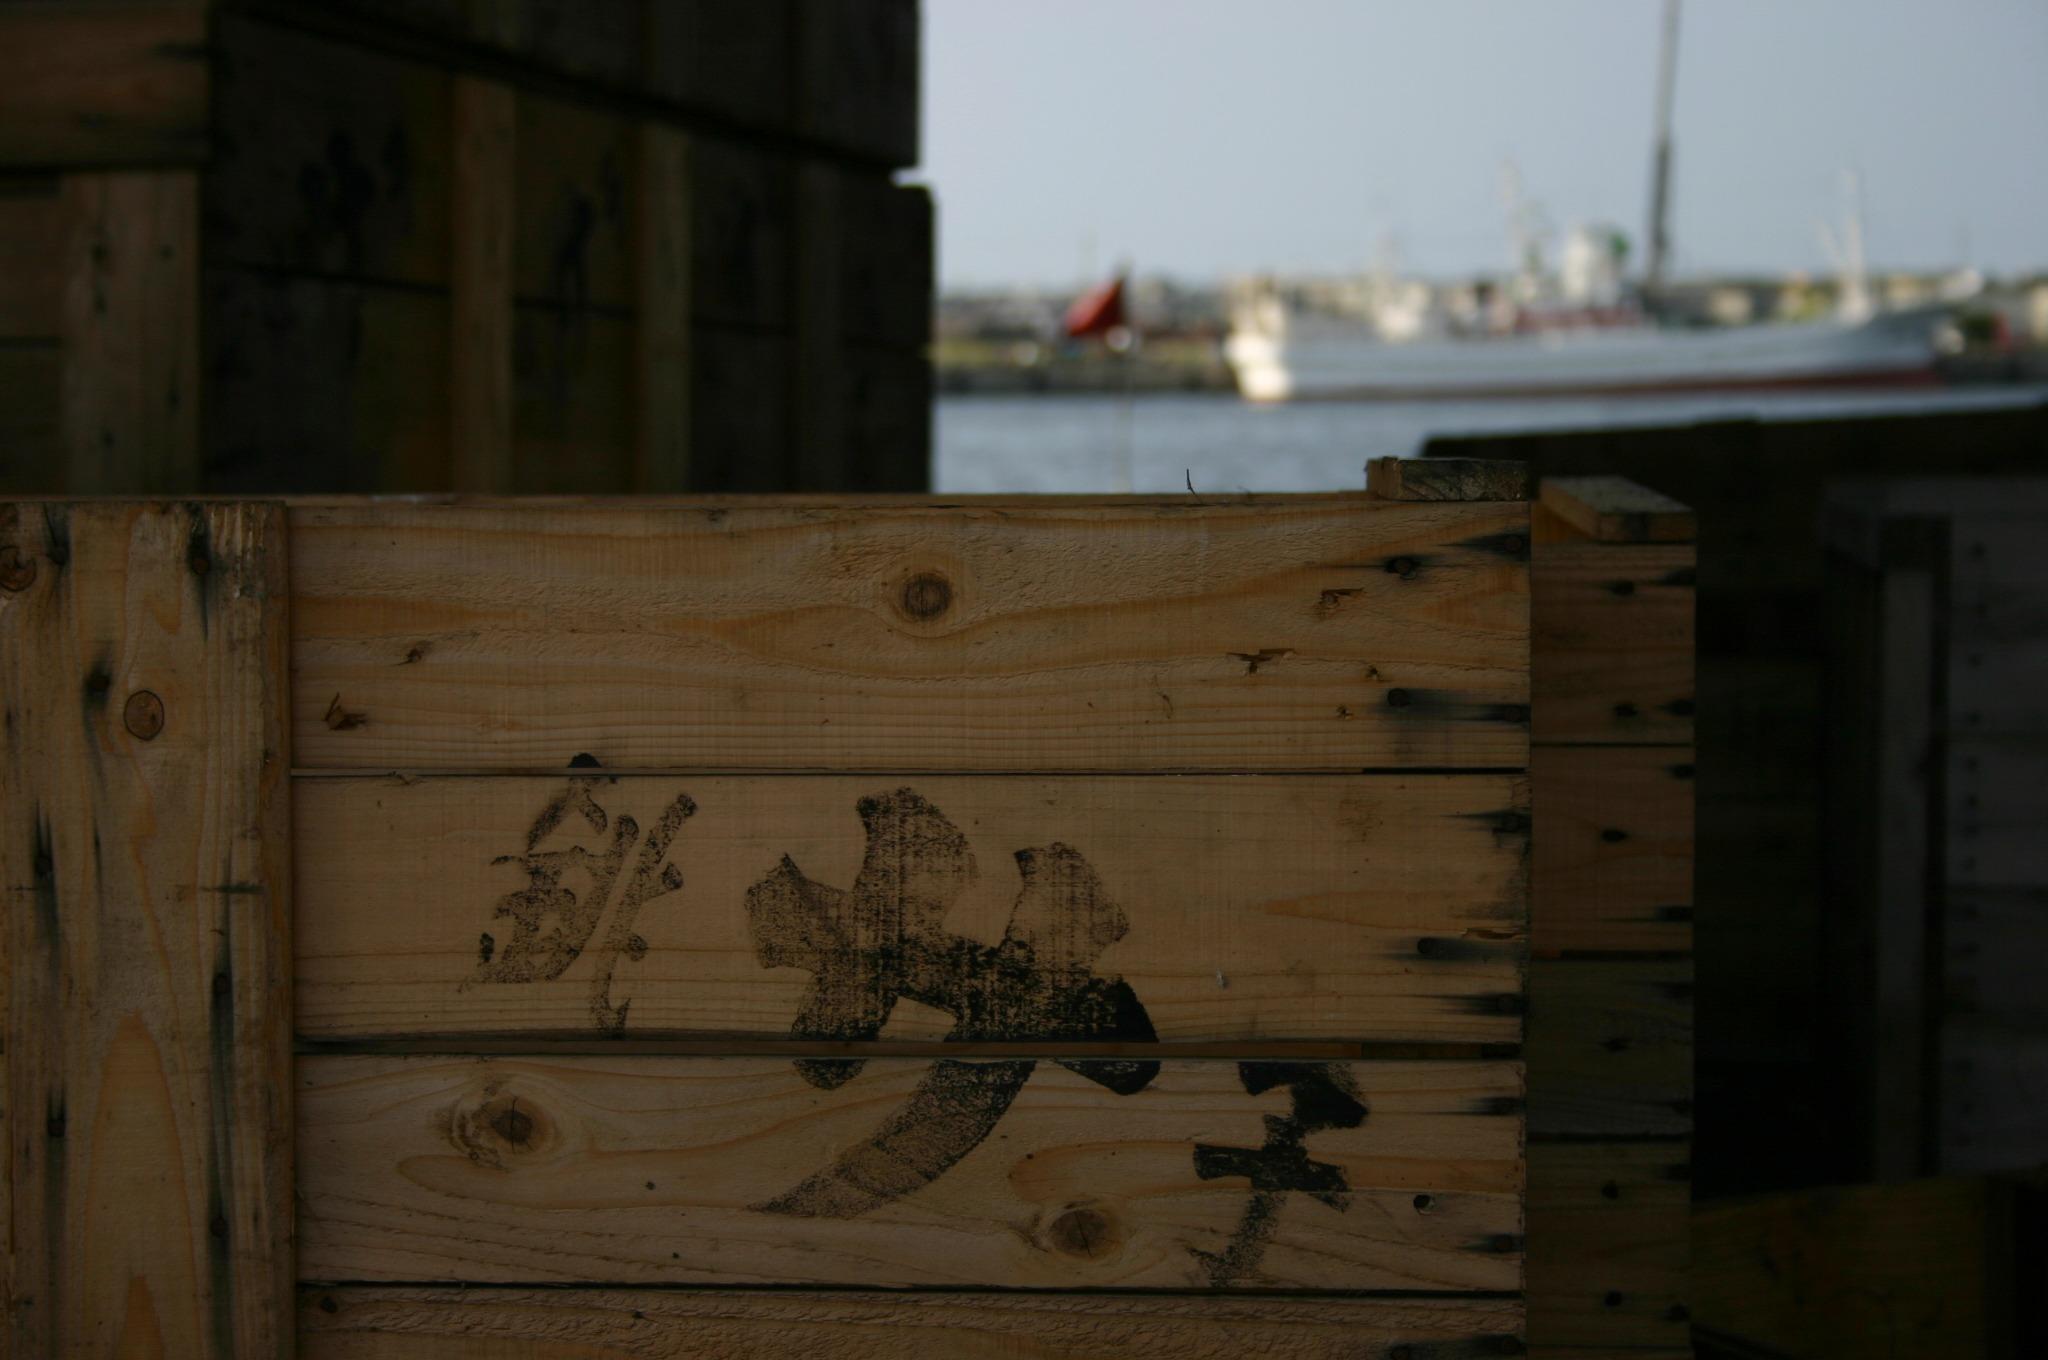 銚子で魚のケースと漁船